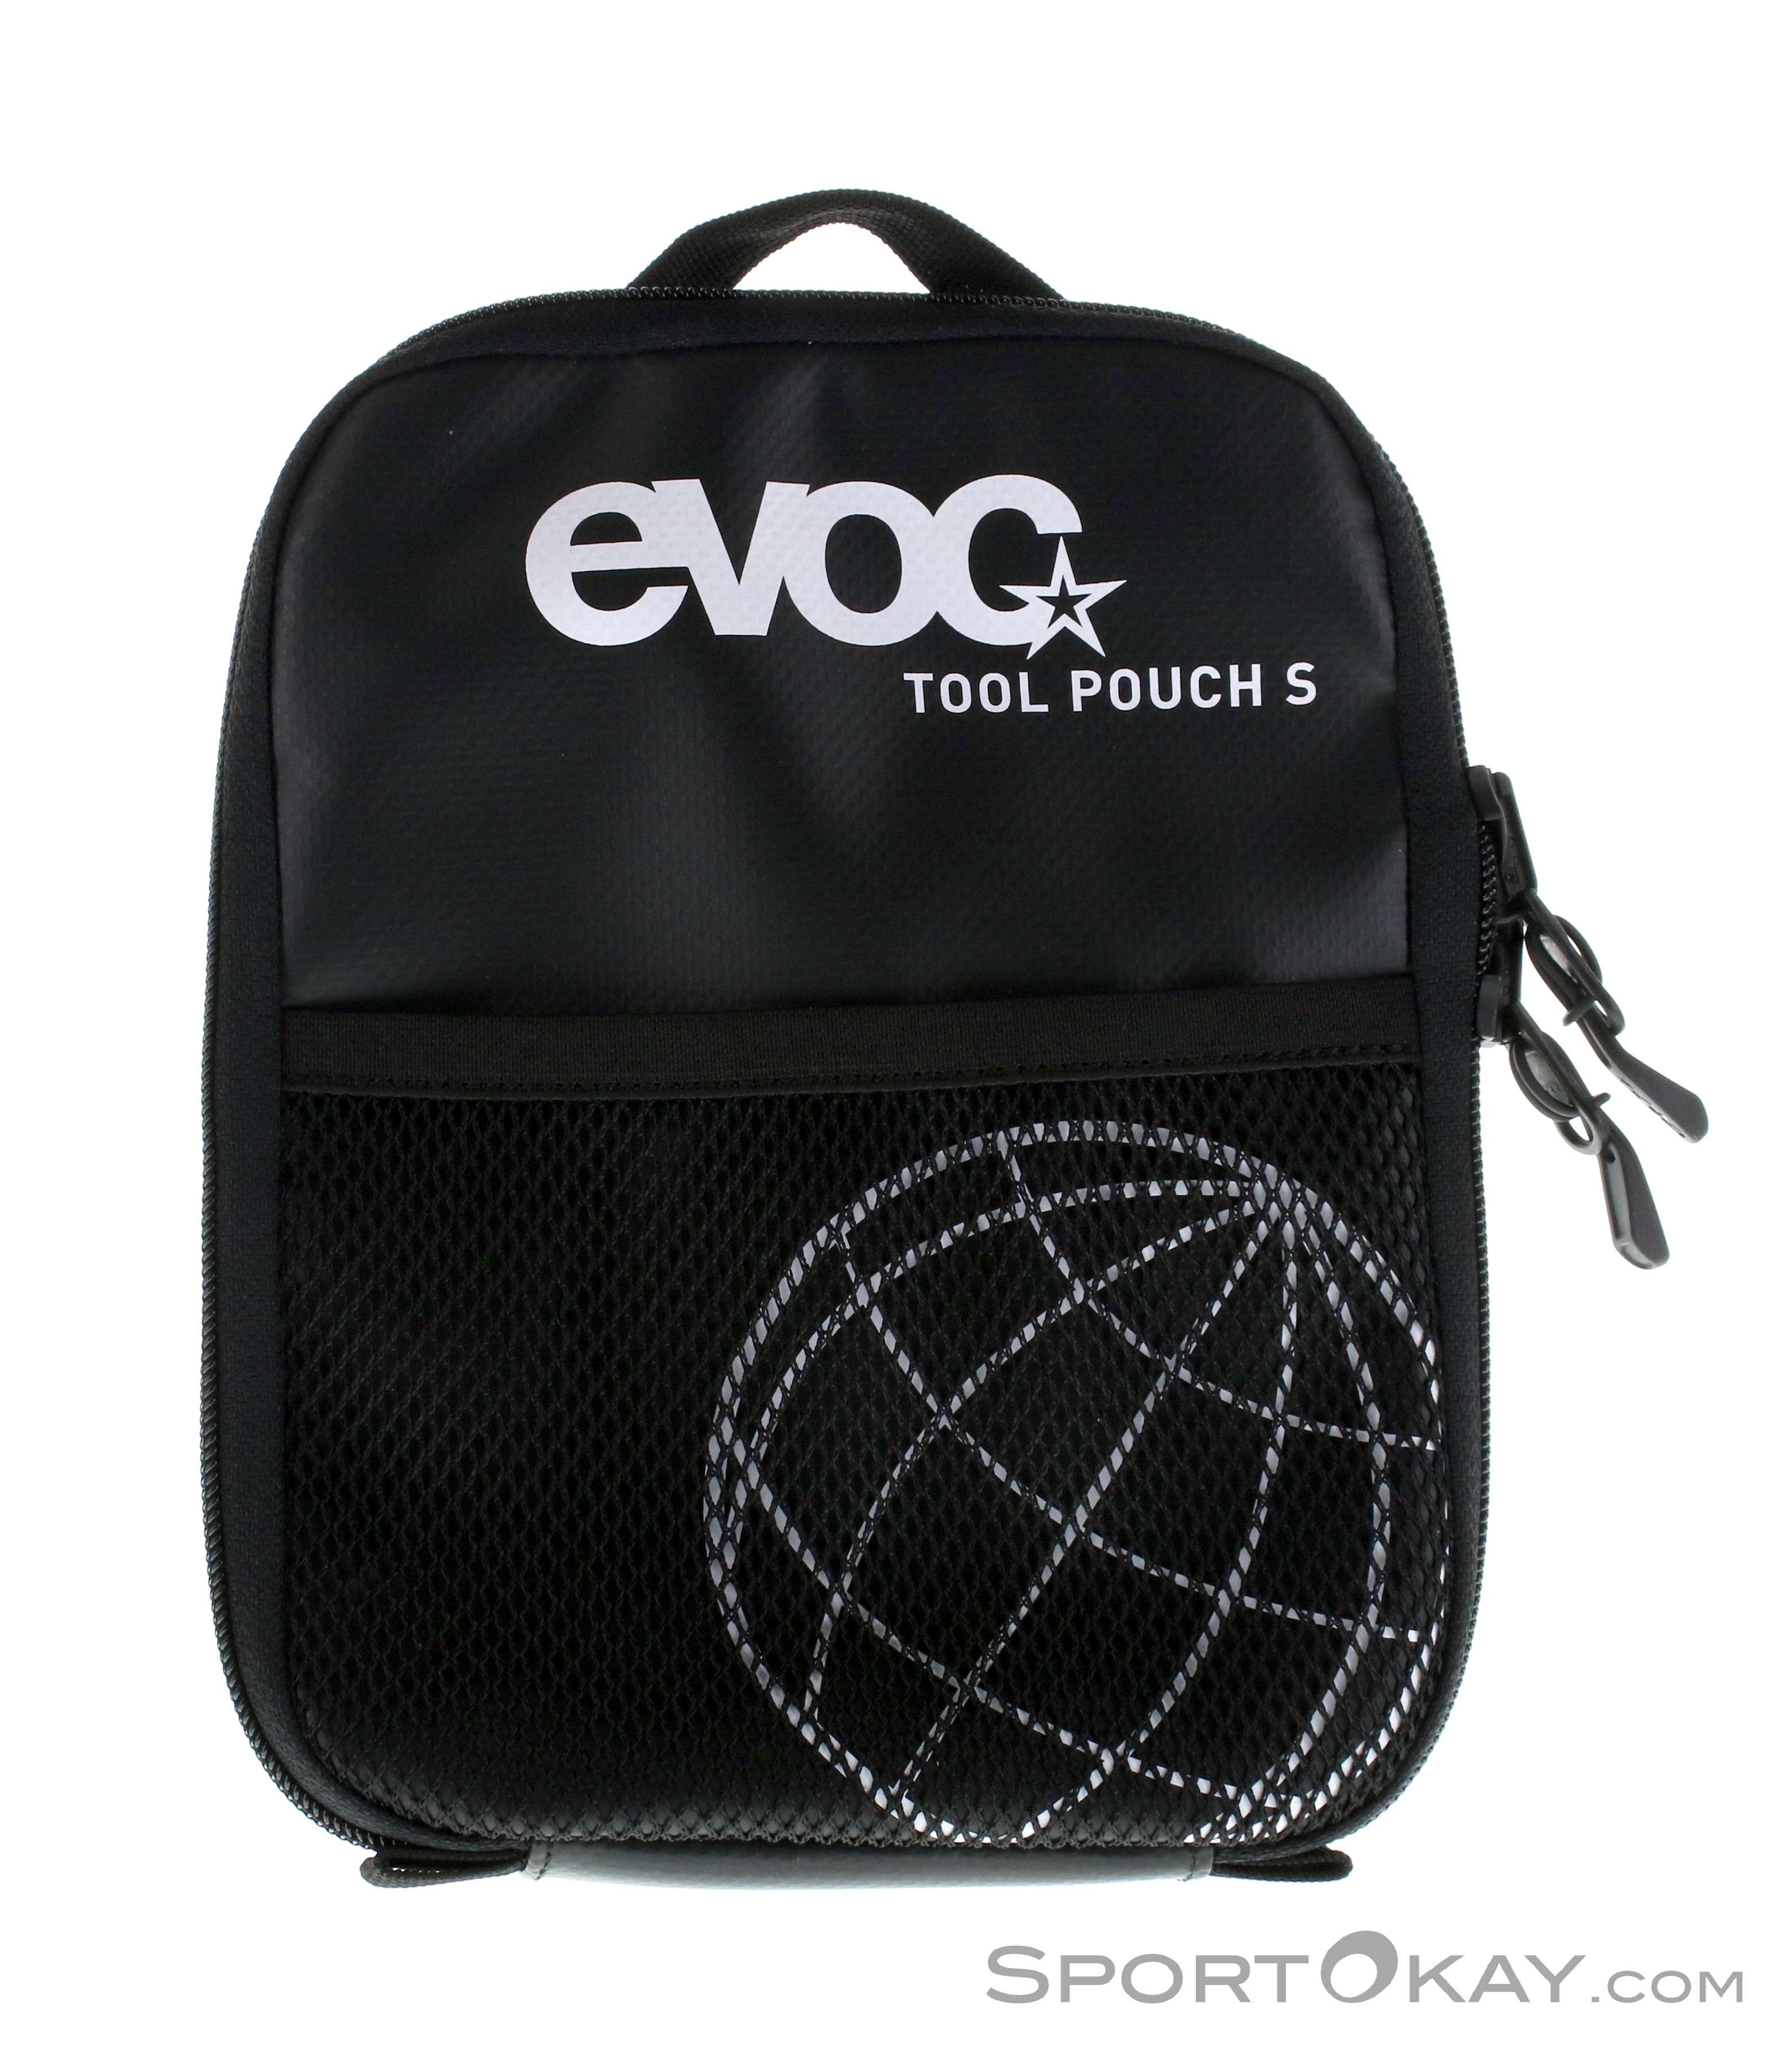 Evoc Tool Pouch Bikezubehör Tasche, Evoc, Schwarz, , Unisex, 0152-10159, 5637535633, 4250450713203, N1-01.jpg